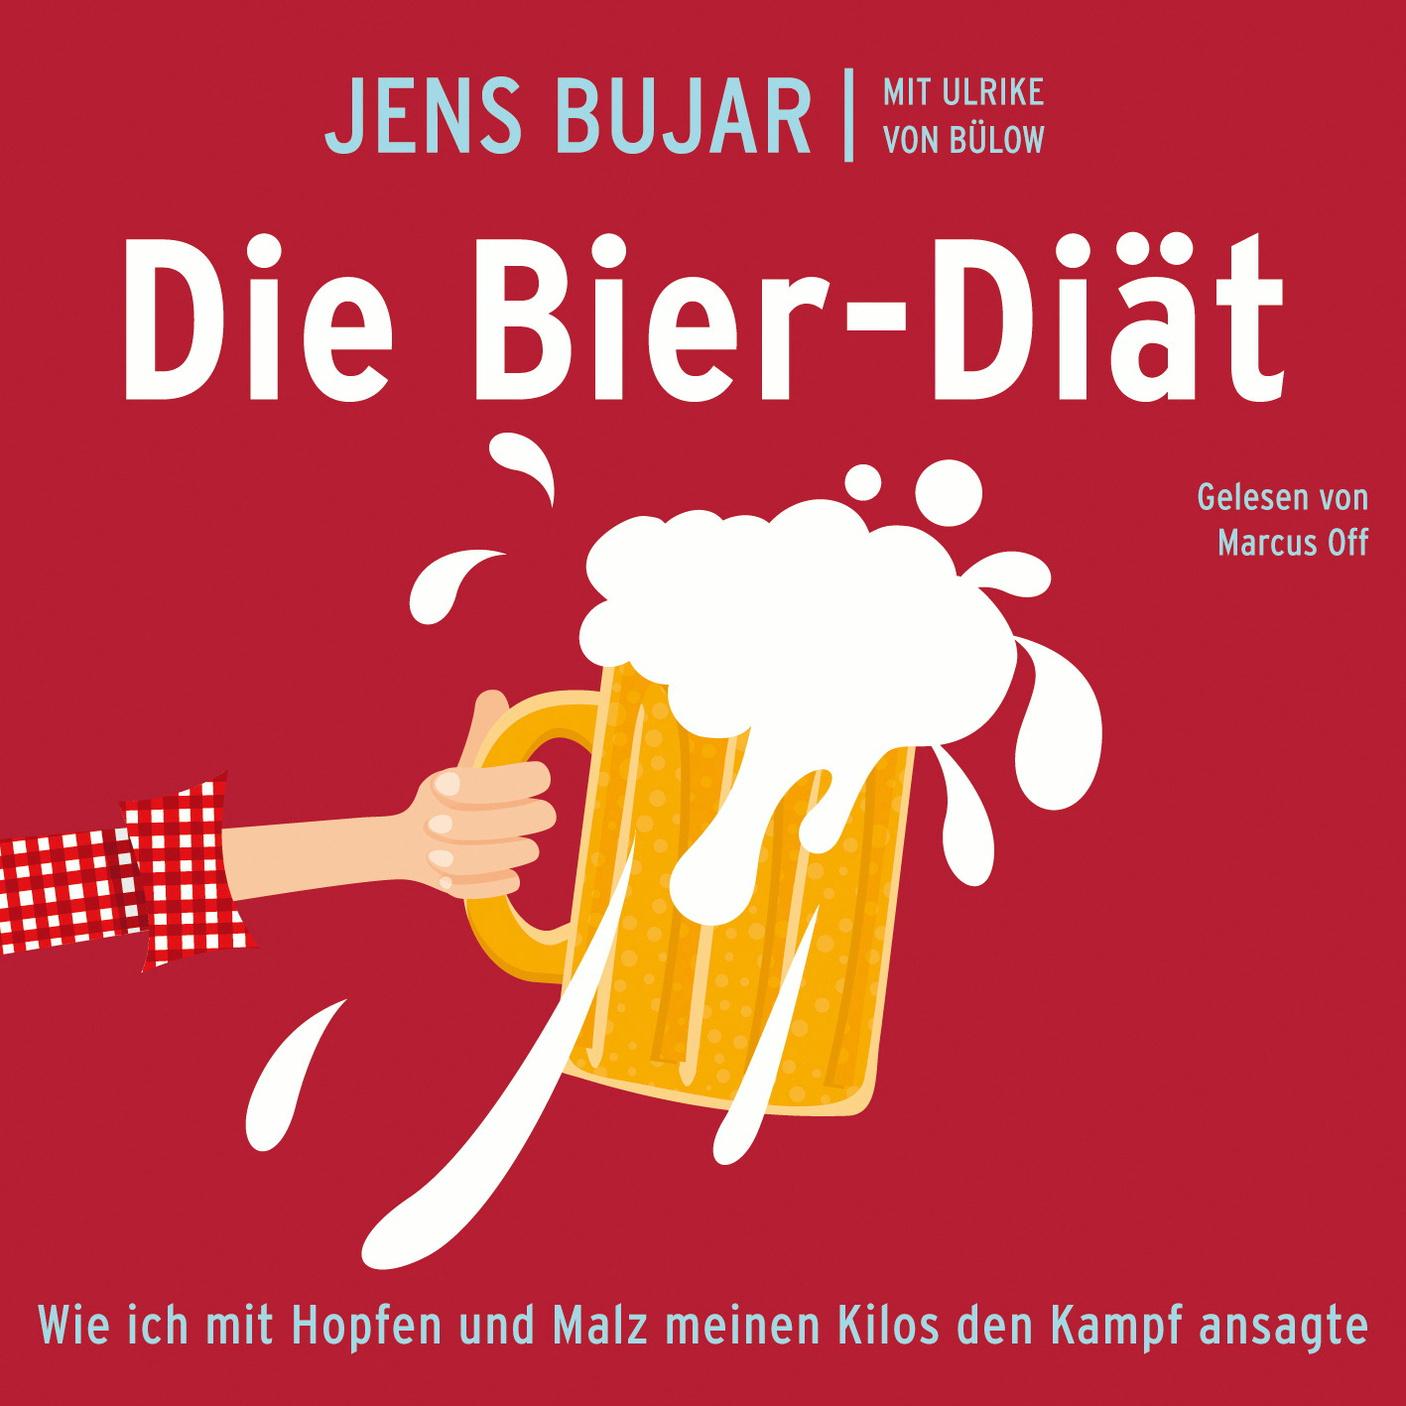 Jens Bujar / Mit Ulrike von Bülow: Die Bier-Diät - Jens Bujar